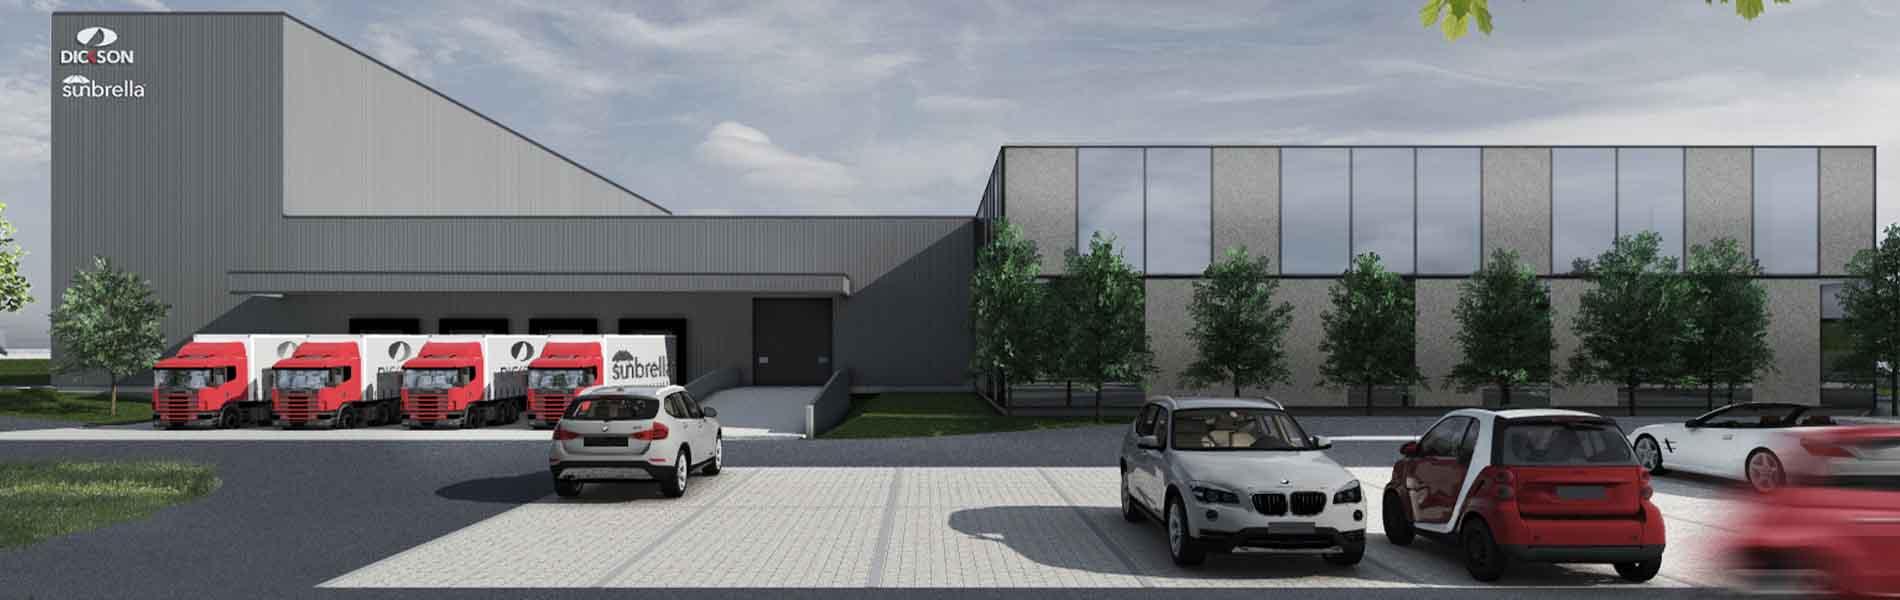 Dickson vit une étape clé dans son développement avec la création d'un second site industriel